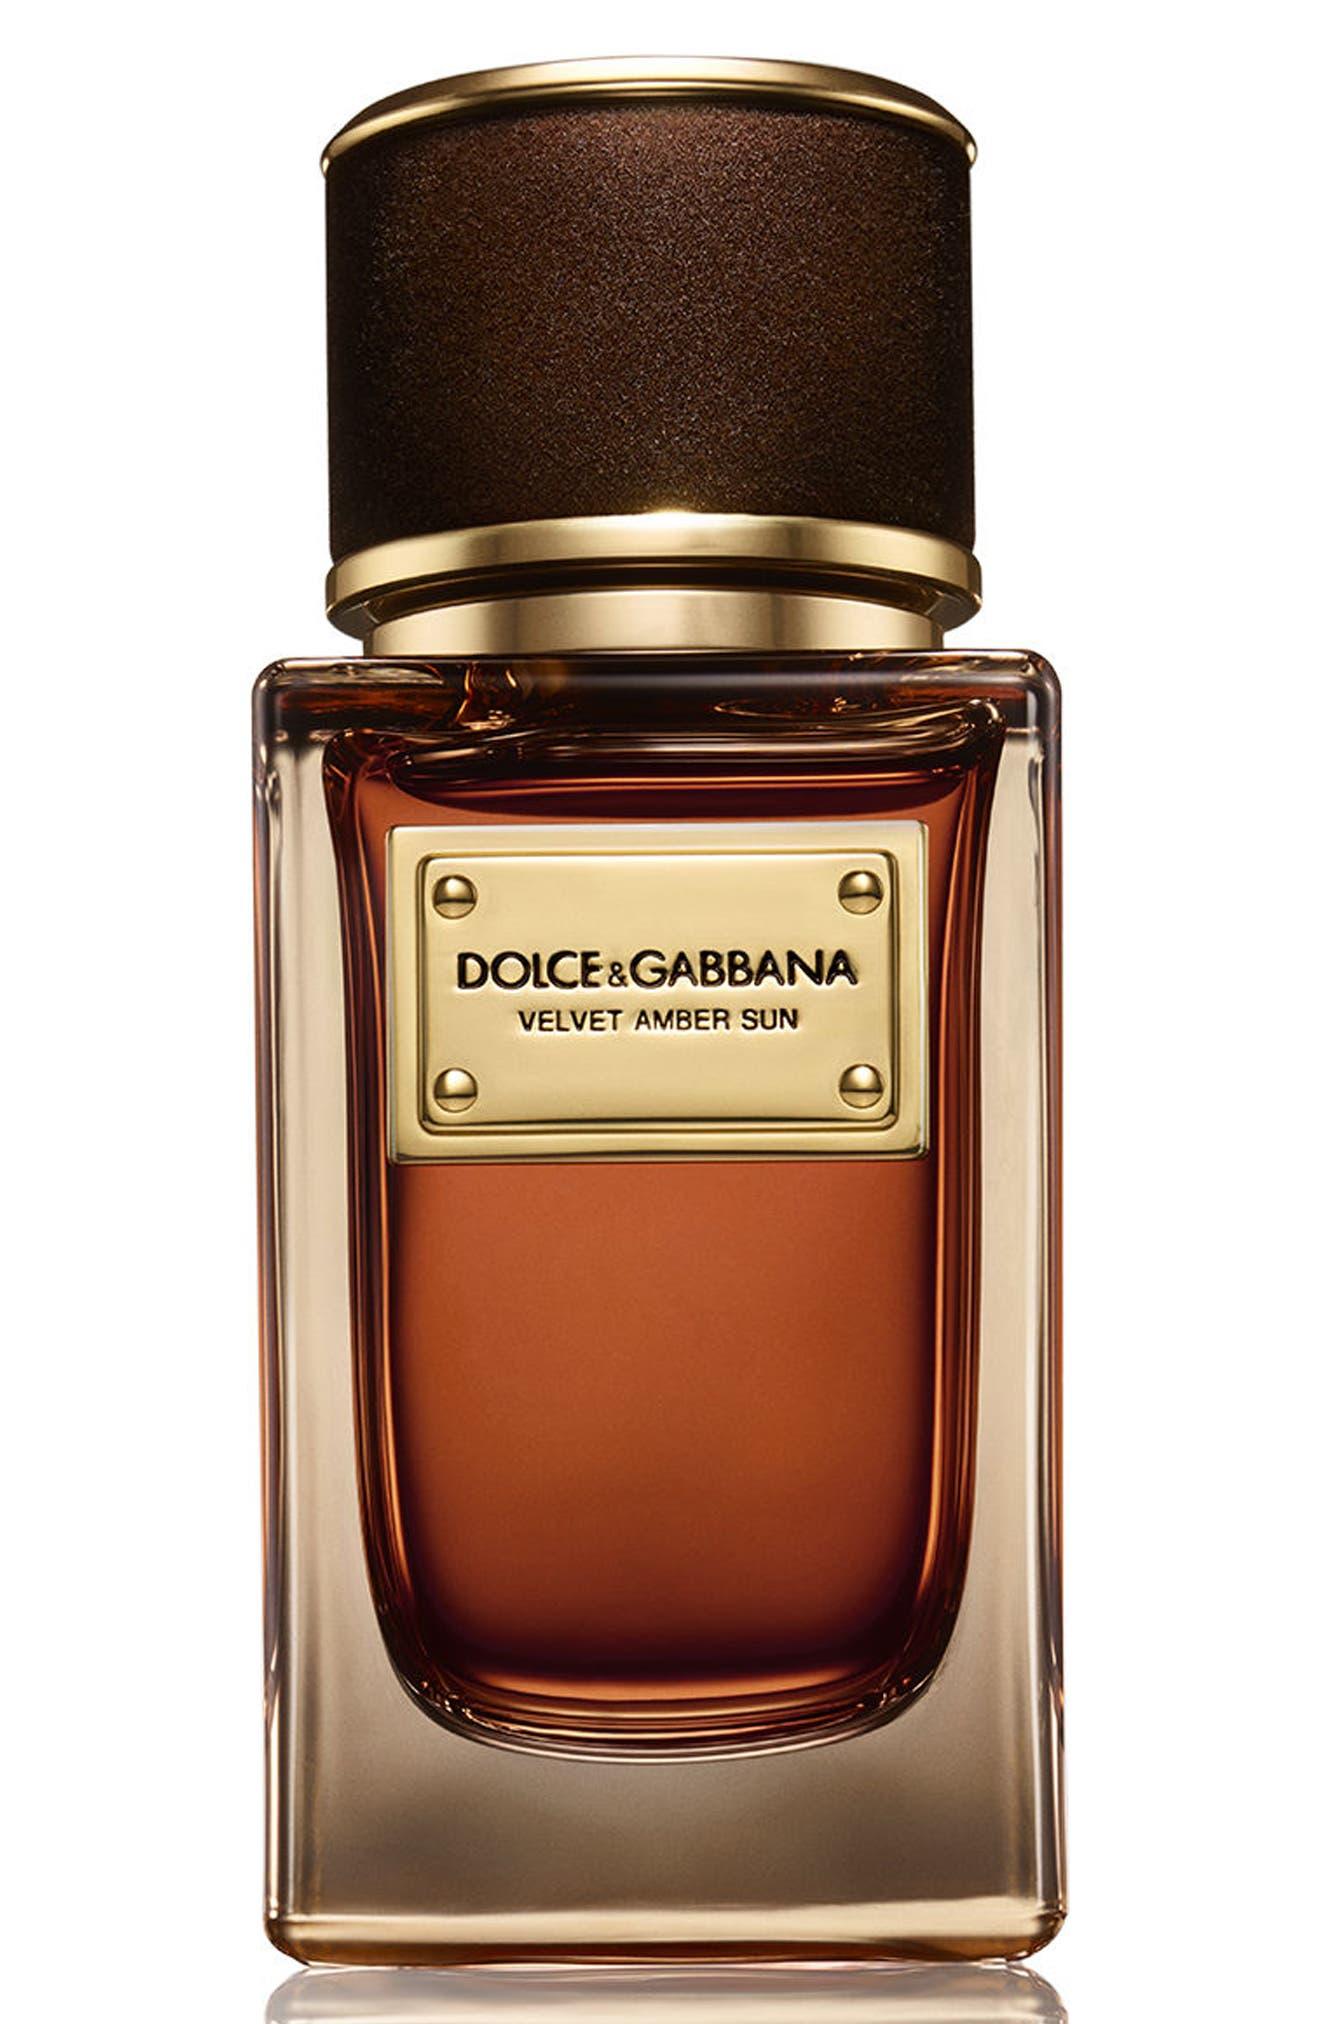 Dolce&Gabbana Velvet Amber Sun Eau de Parfum